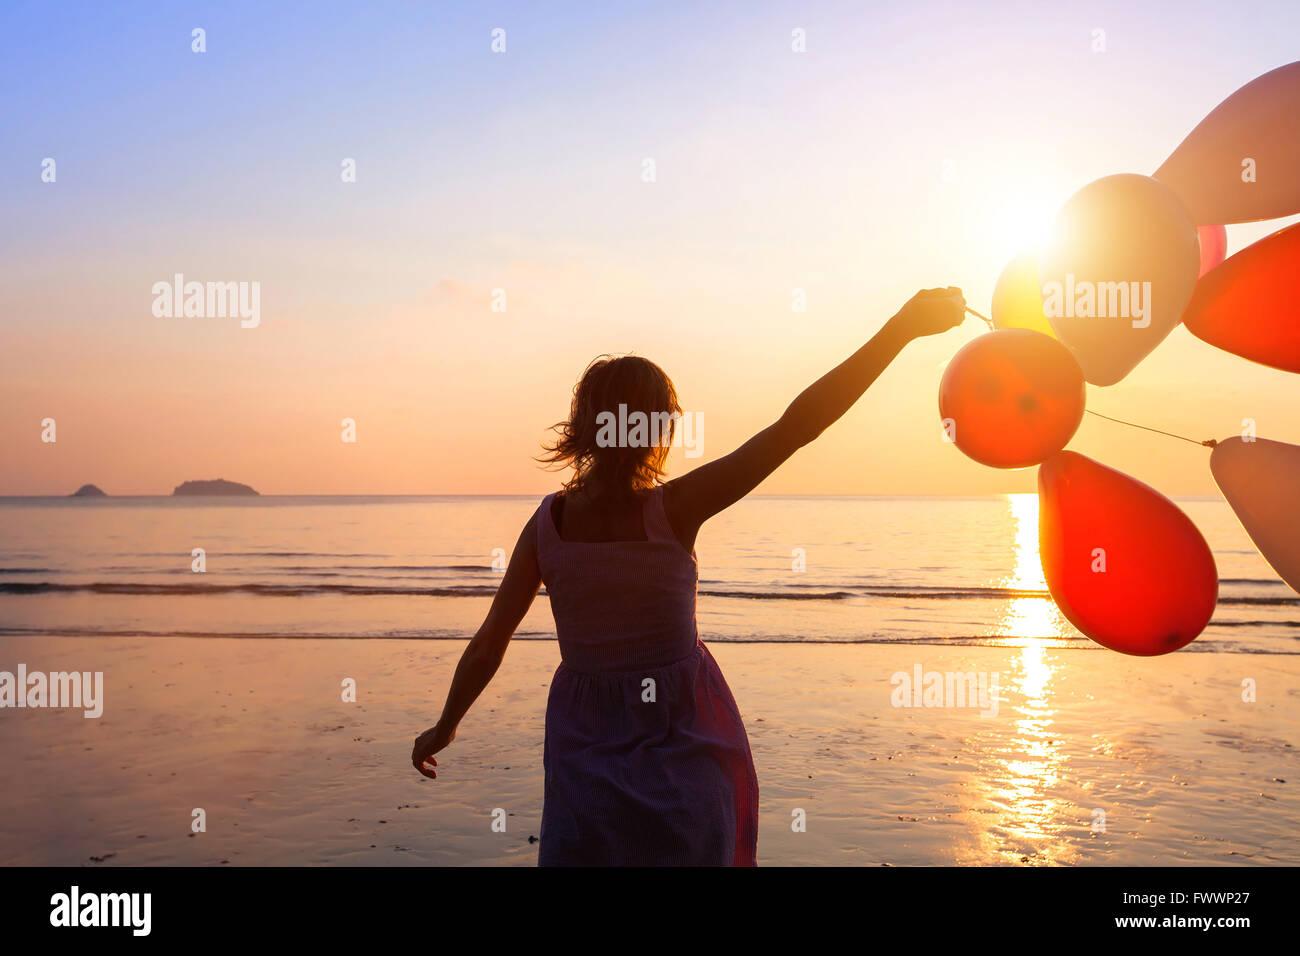 Concepto de felicidad, feliz chica con globos multicolores, alegría y emociones positivas Imagen De Stock